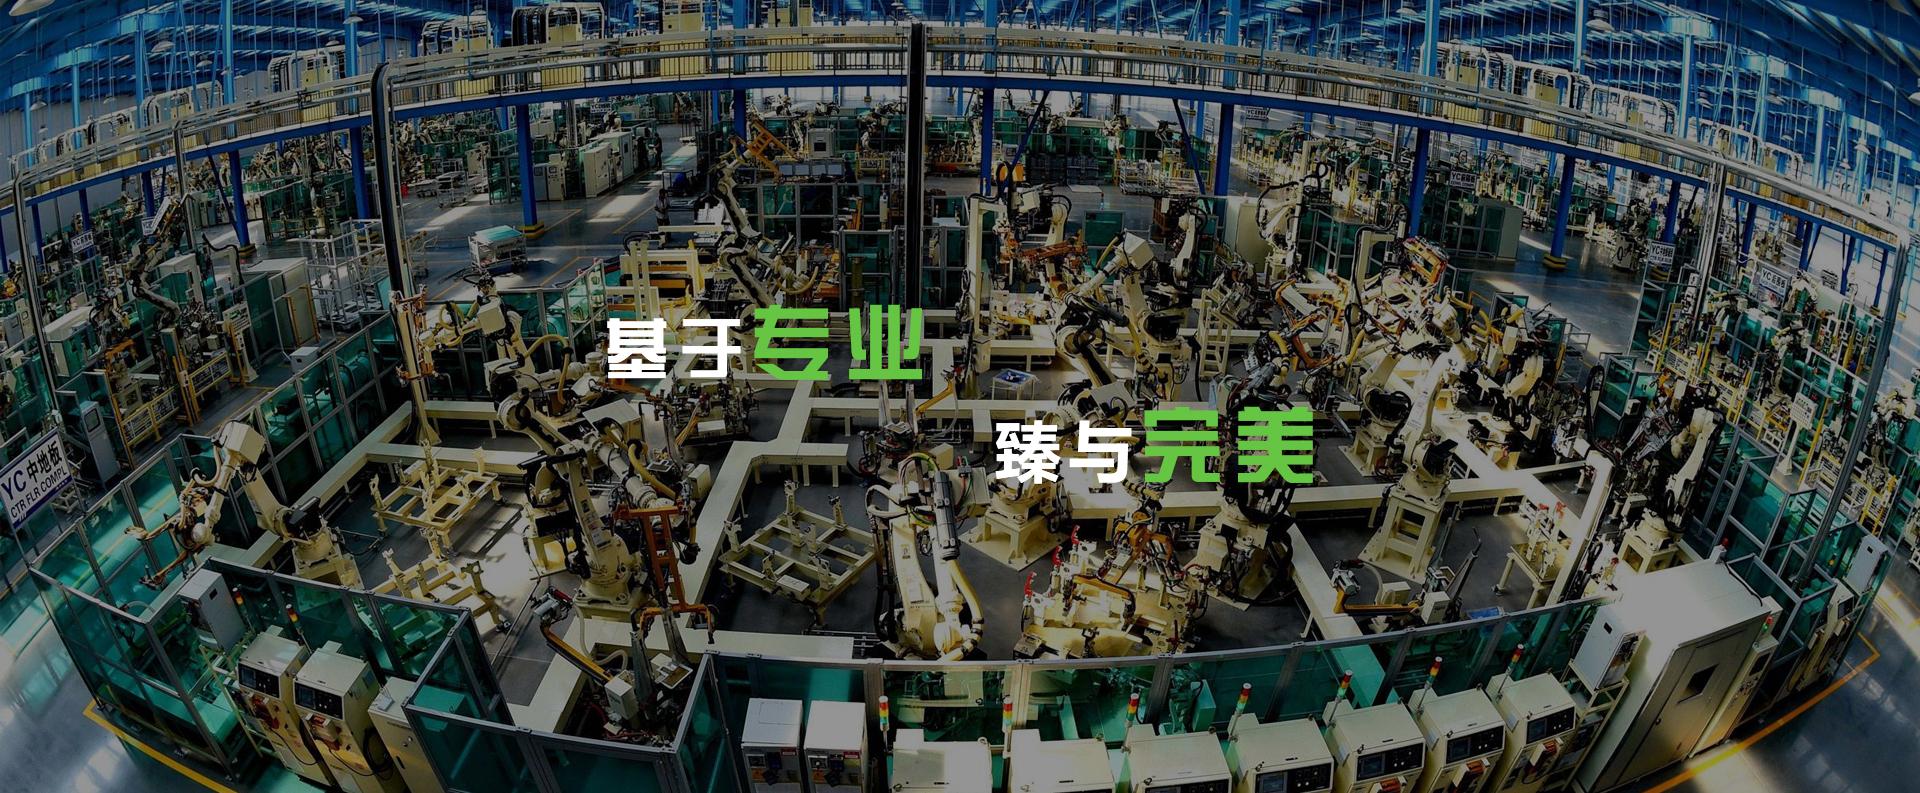 橡塑机械自动化